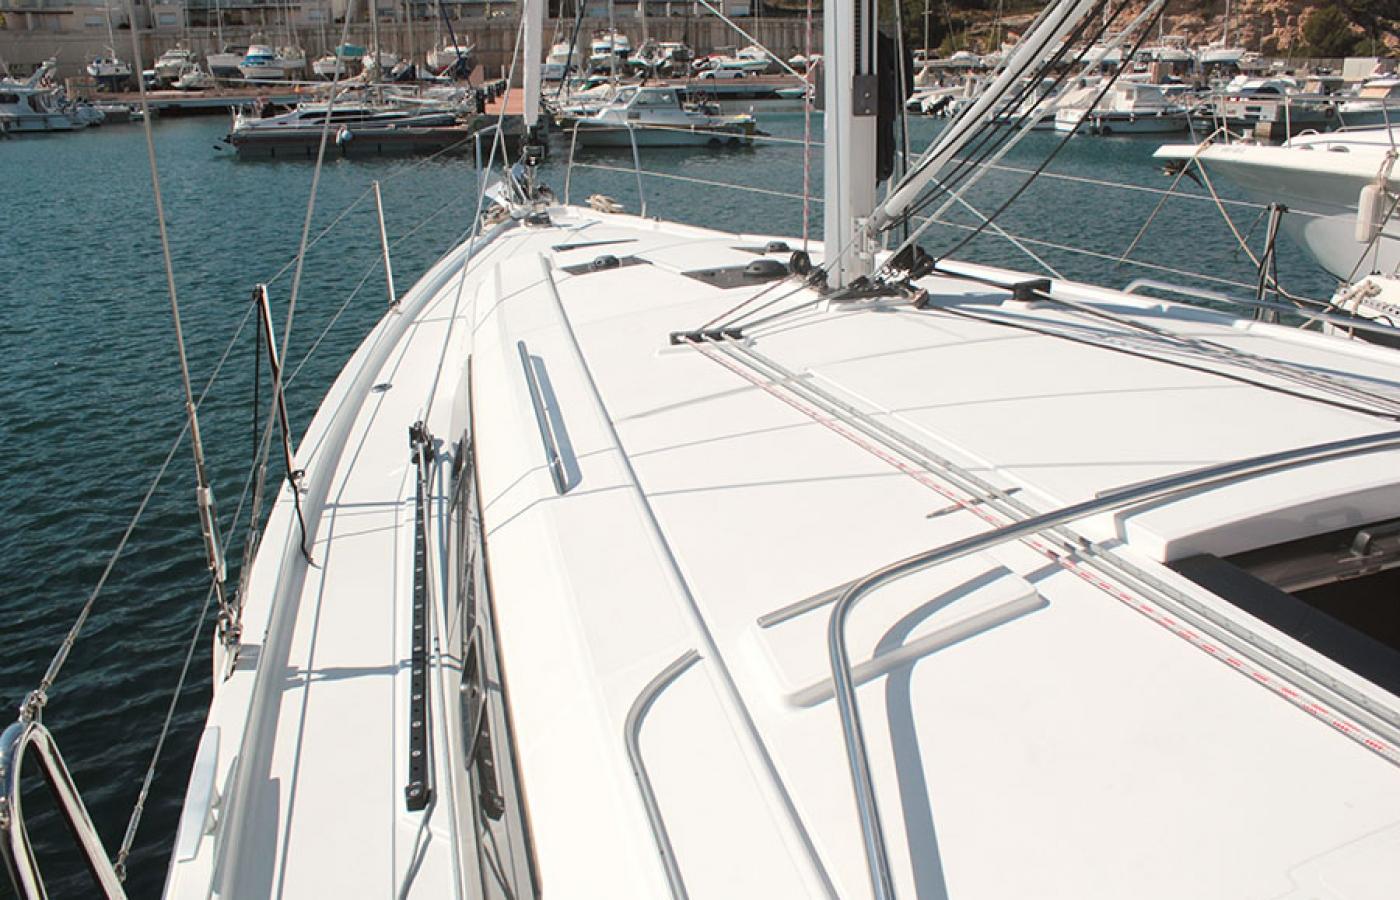 barcelona-charter-e96127edf15549feebaaca40636ca7c4c24147e7